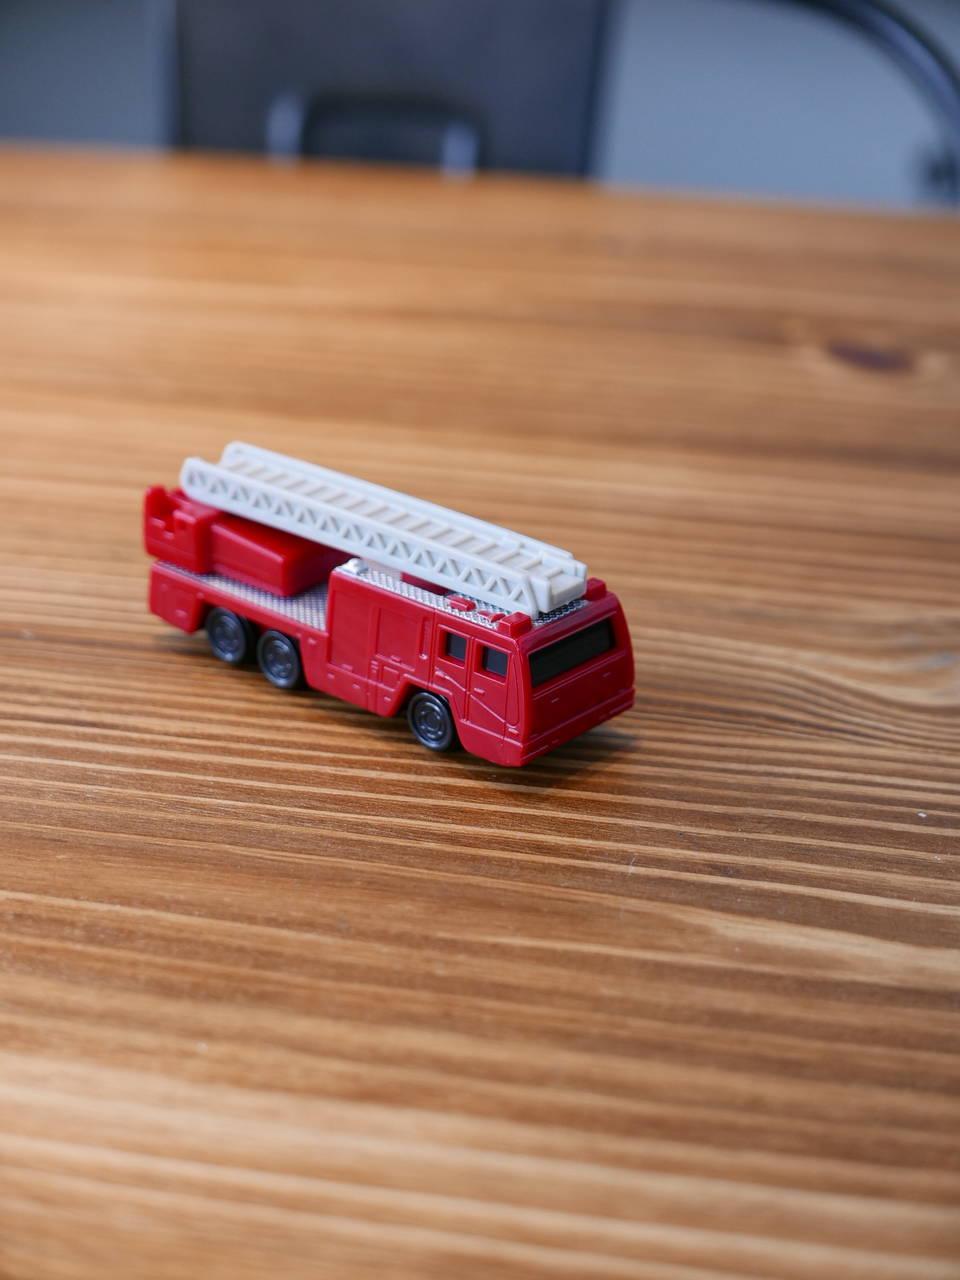 トミカがもらえるハッピーセット買ってみた!車好きならマックへGOですよ!